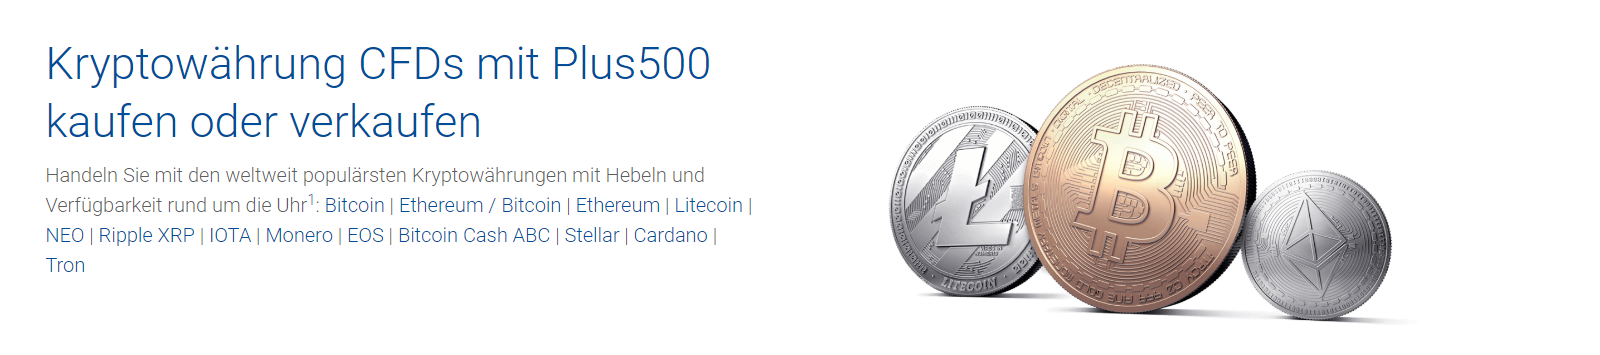 Jetzt Kryptowährungen handeln bei Plus500